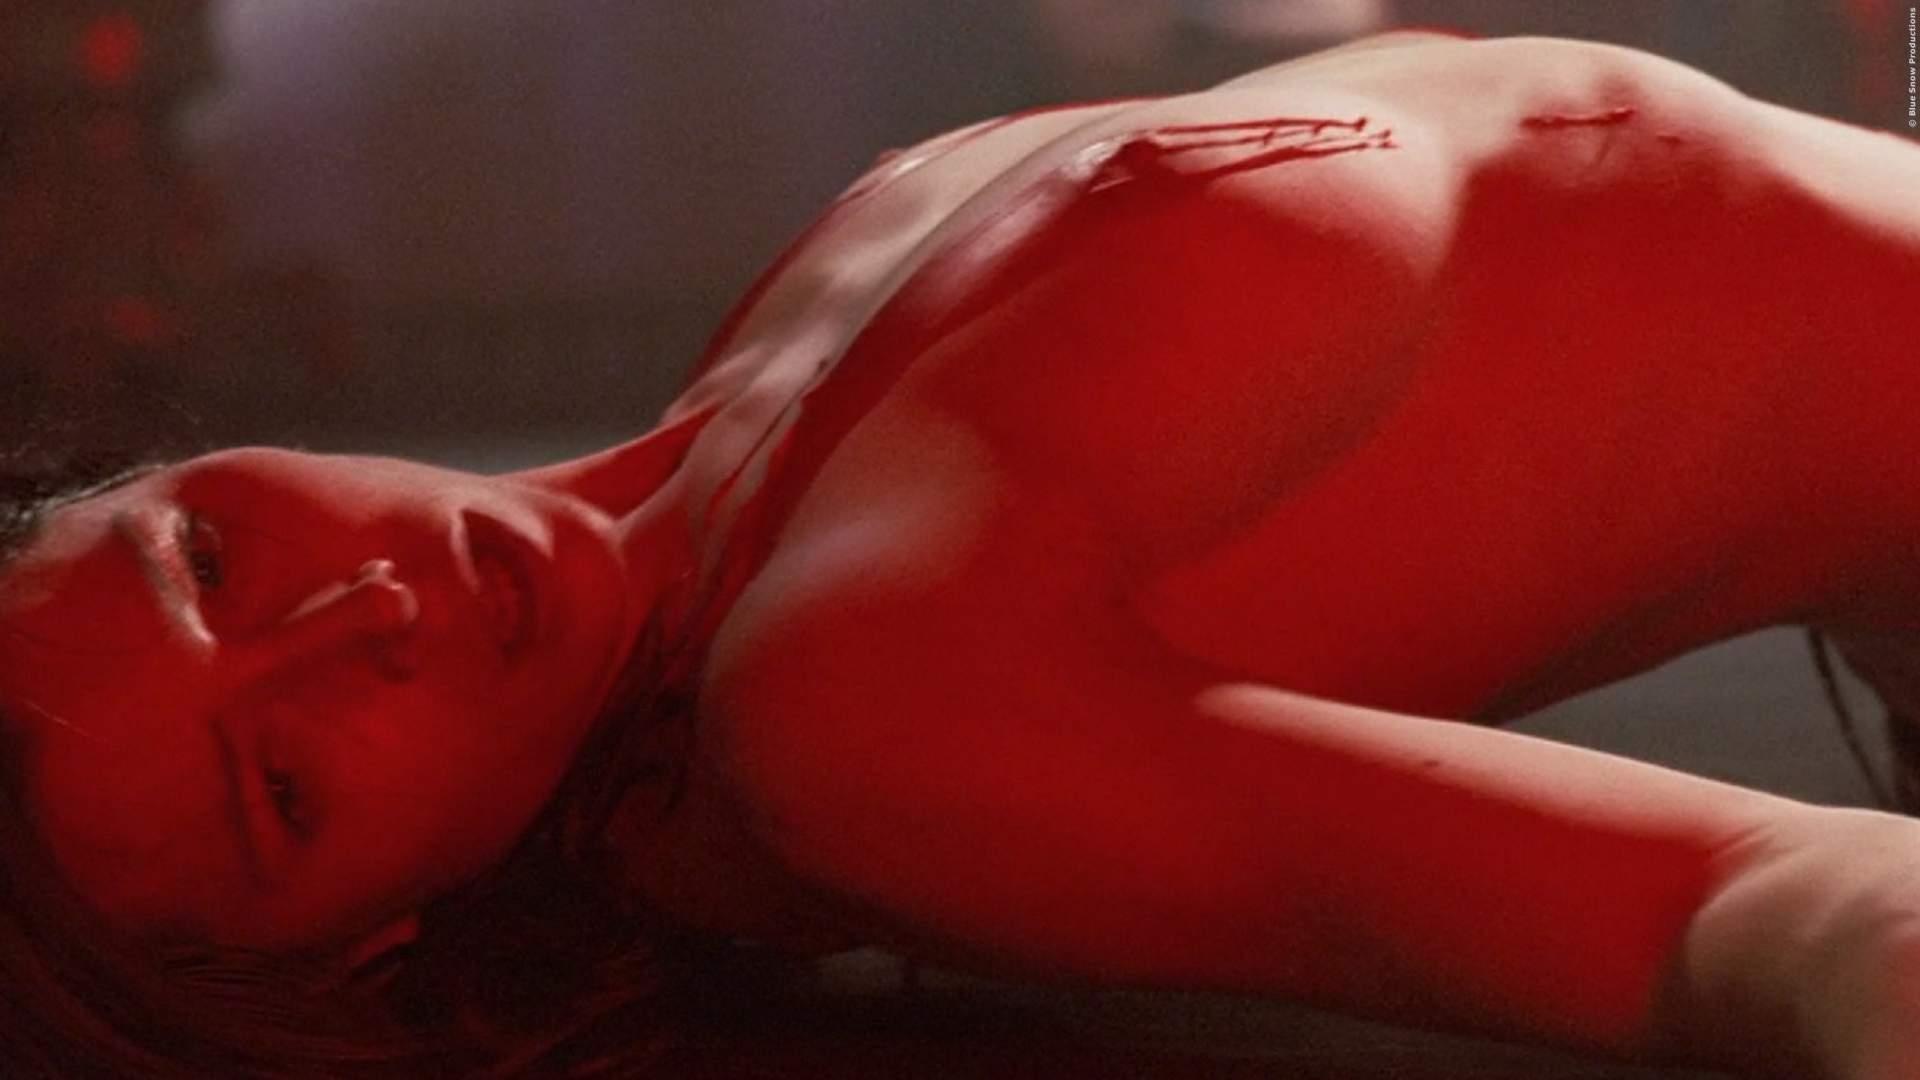 Top 30 Nacktszenen weiblicher Hollywoodstars - Bild 19 von 31